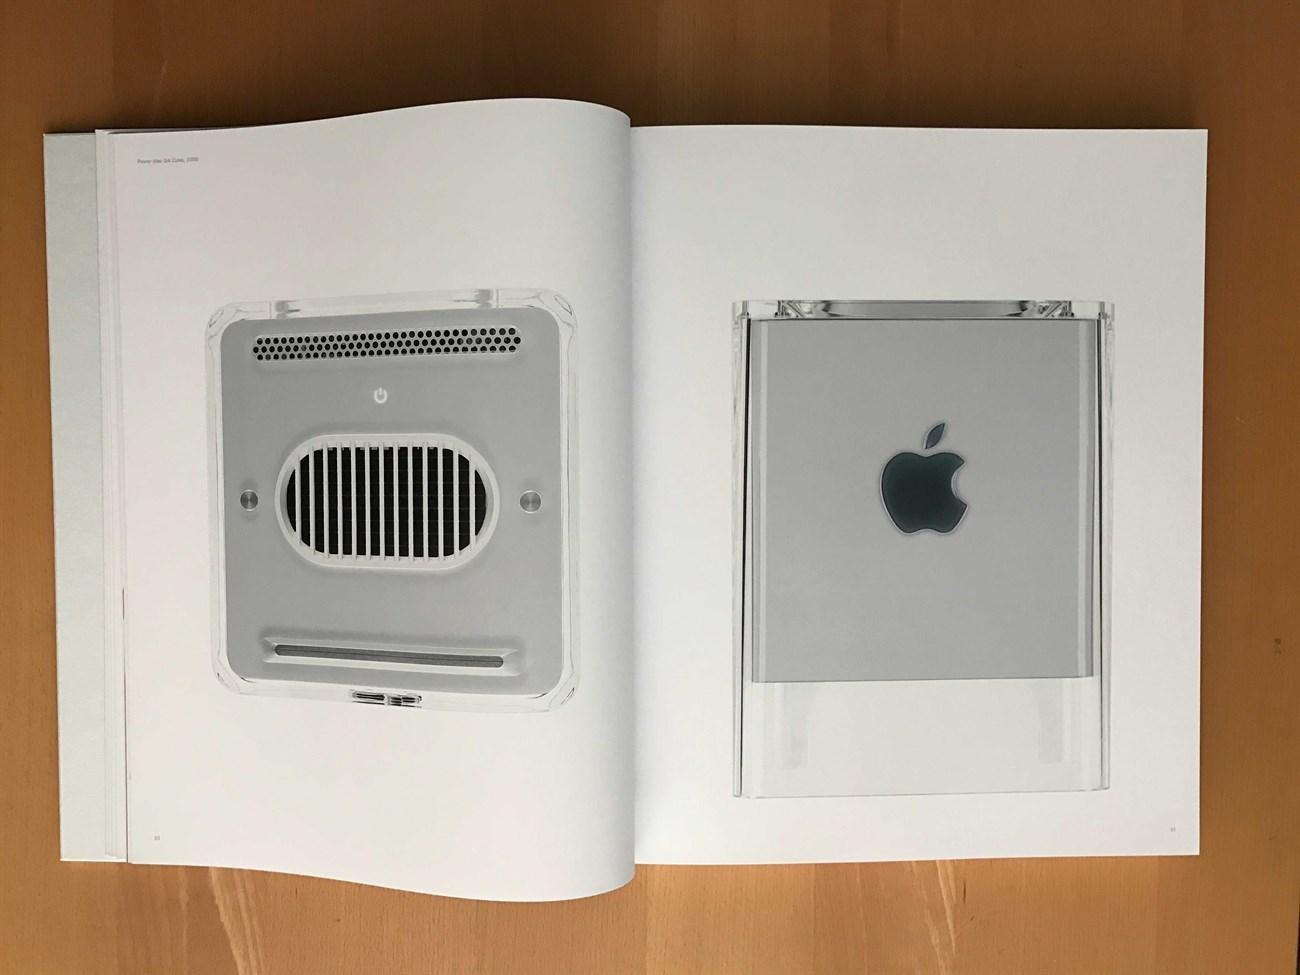 Quyển sách hơn 6 triệu của Apple có gì?